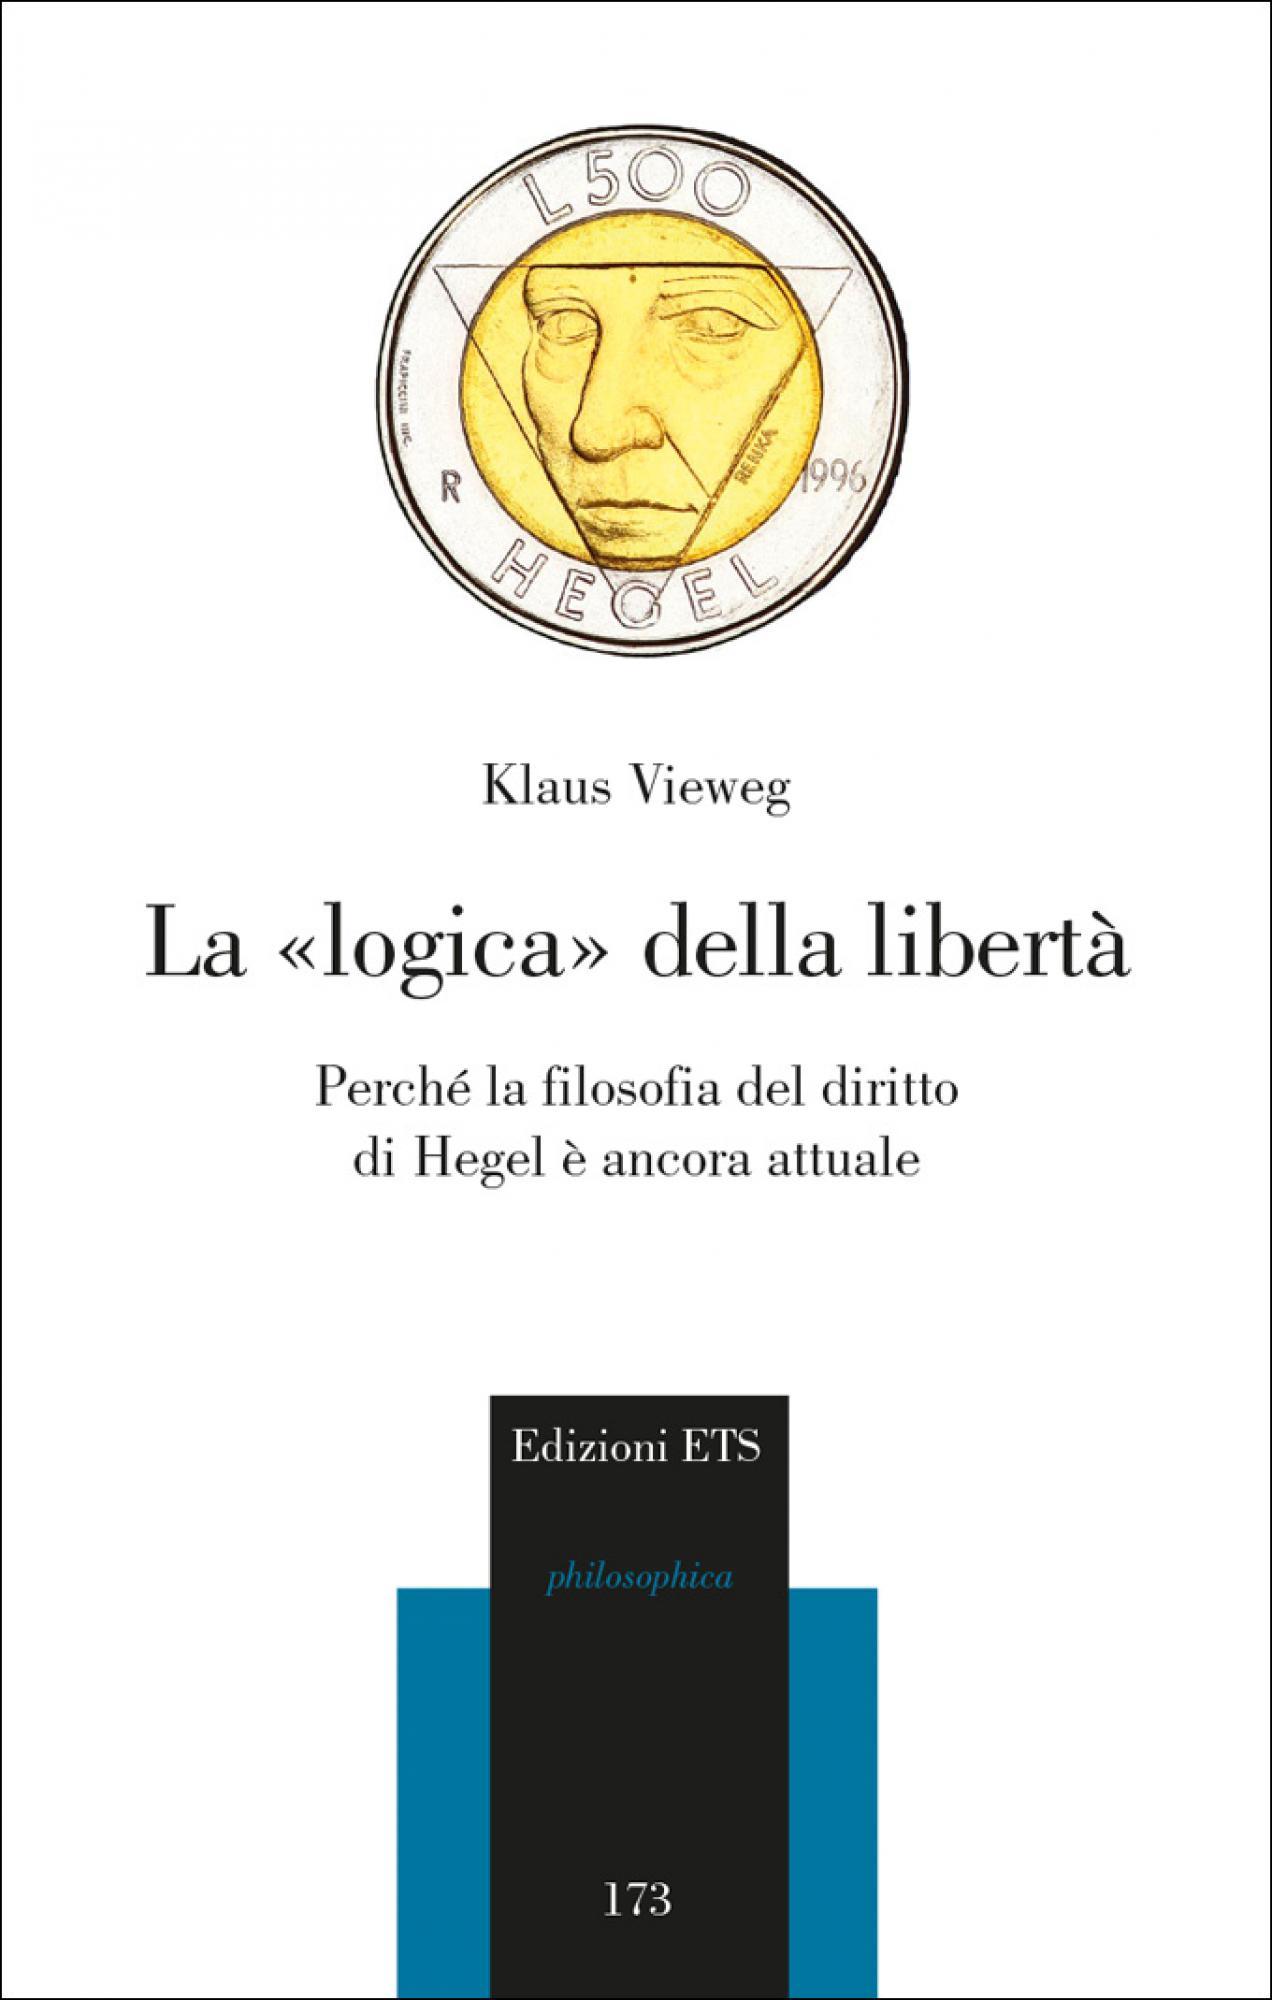 La «logica» della libertà.Perché la filosofia del diritto di Hegel è ancora attuale